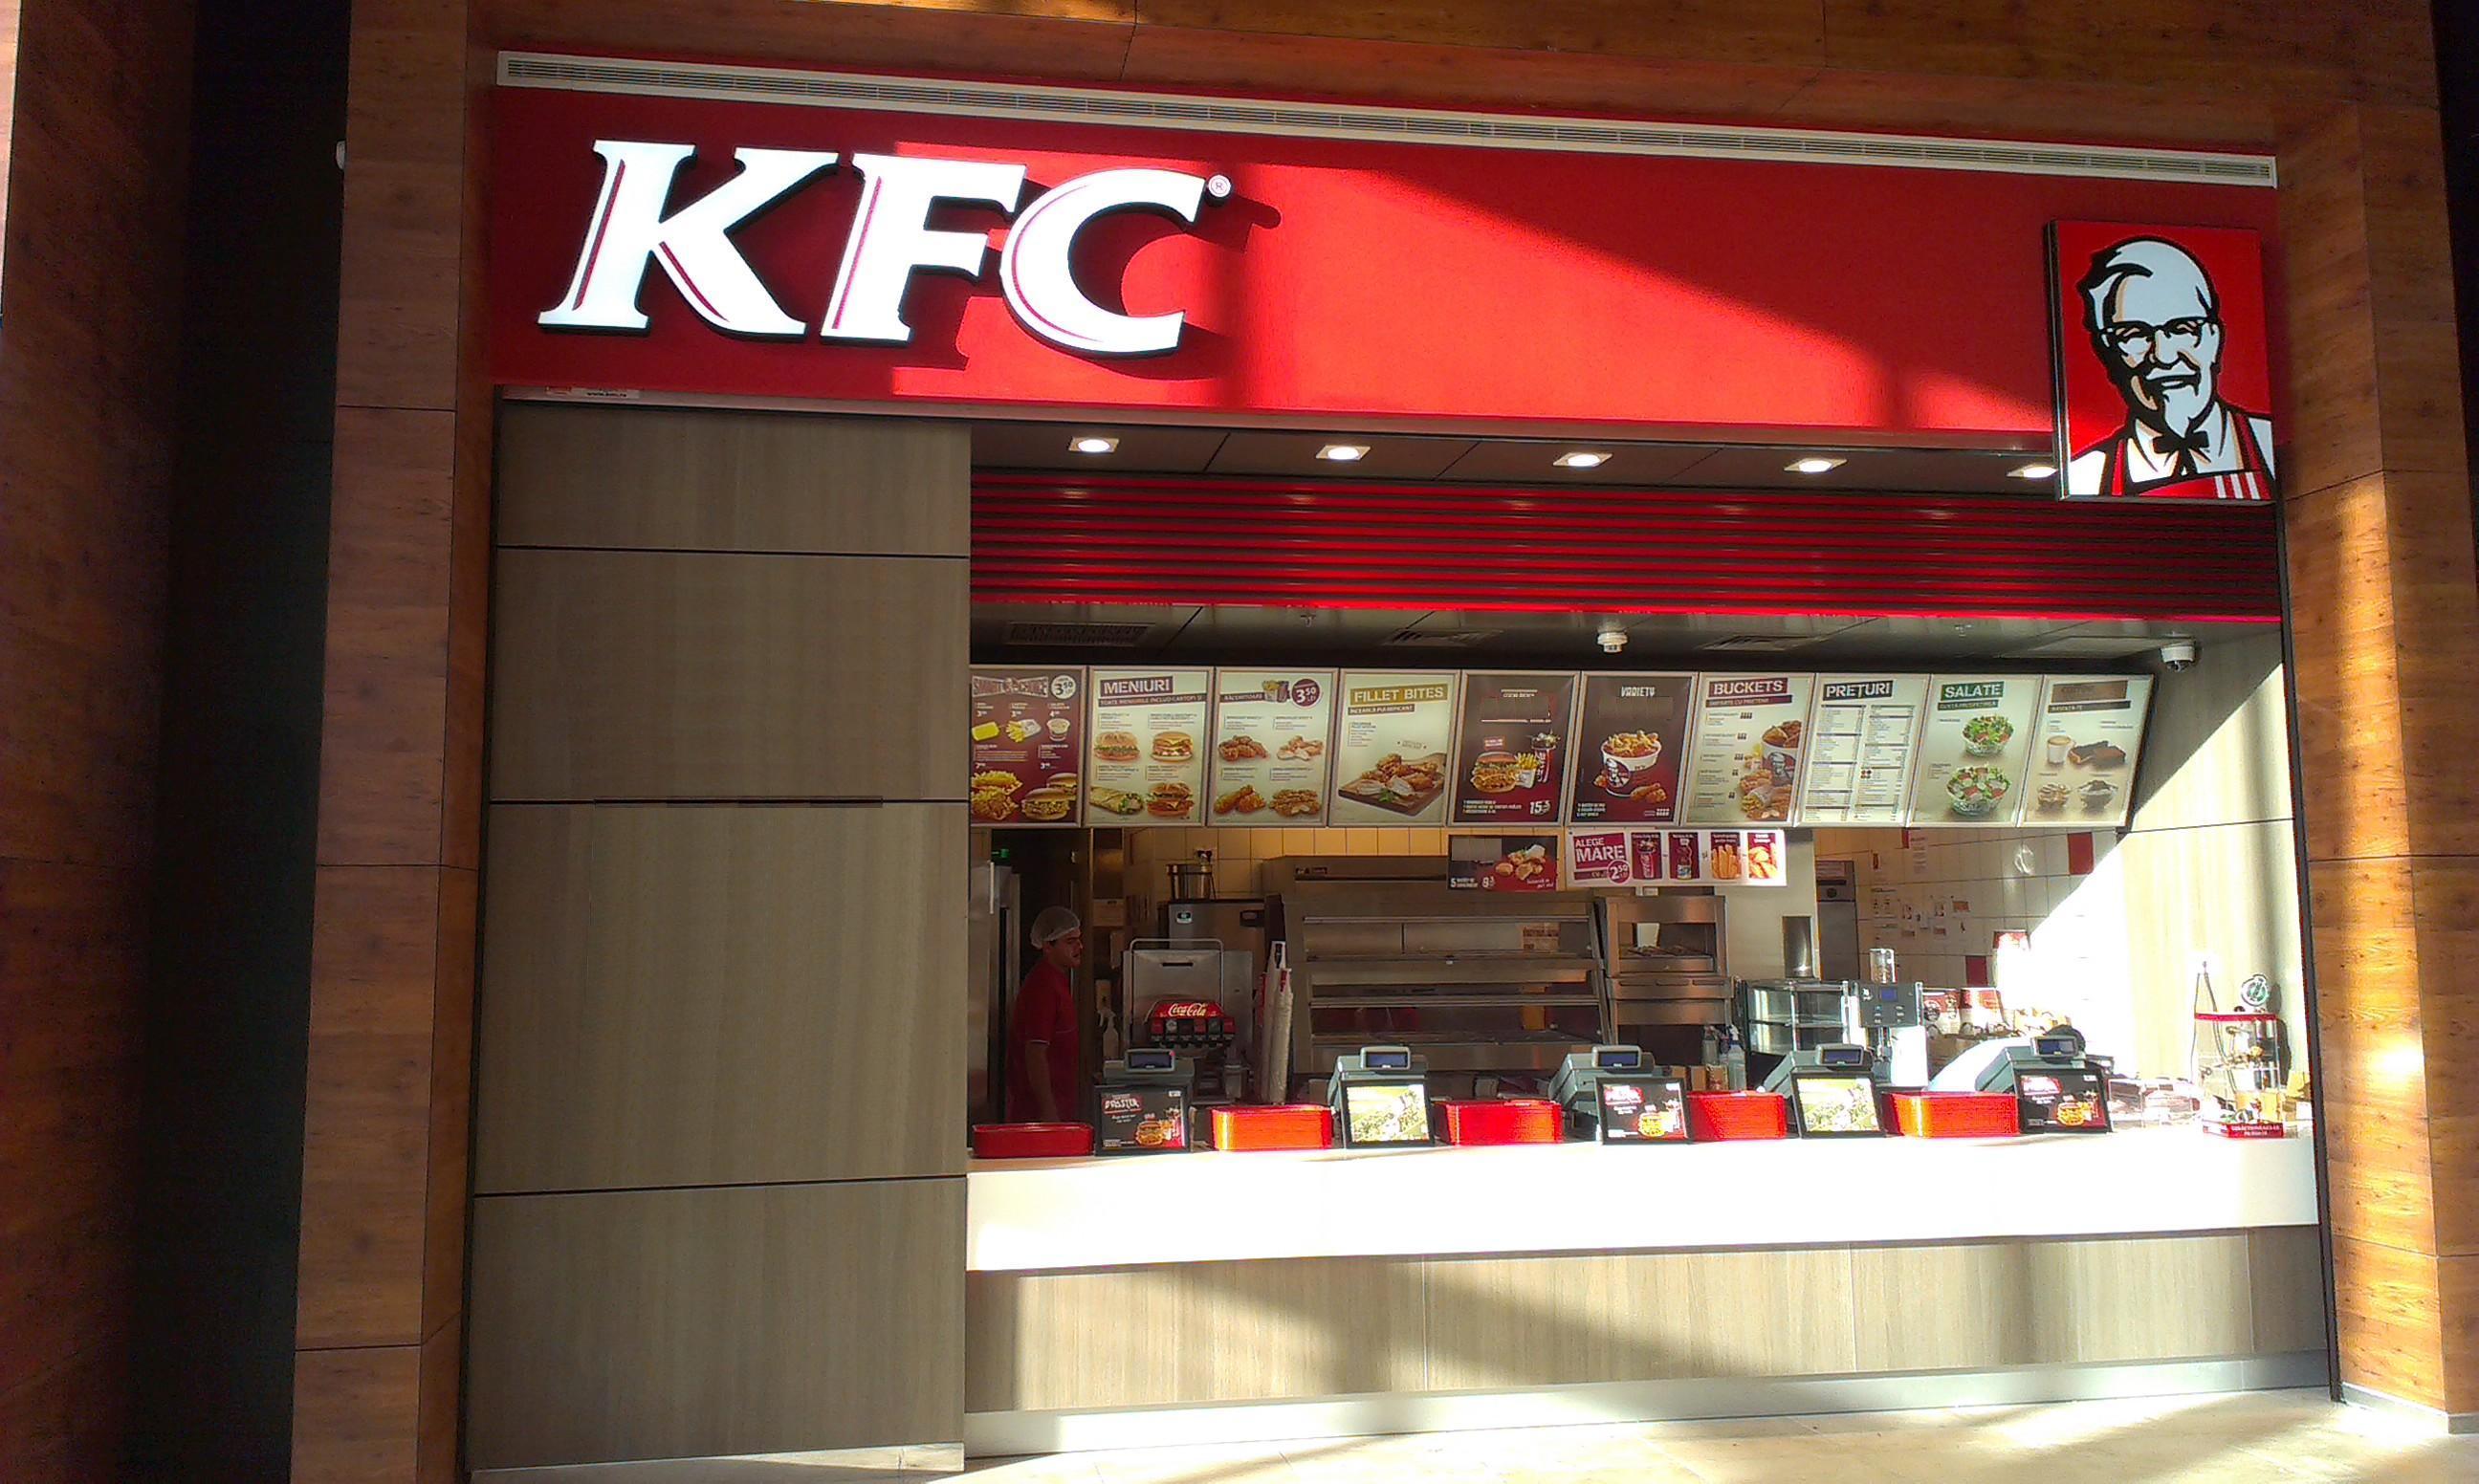 KFC România, prima reacție după ce s-au găsit urme de fecale în produsele sale din București. Ce a transmis fast-food-ul clienților